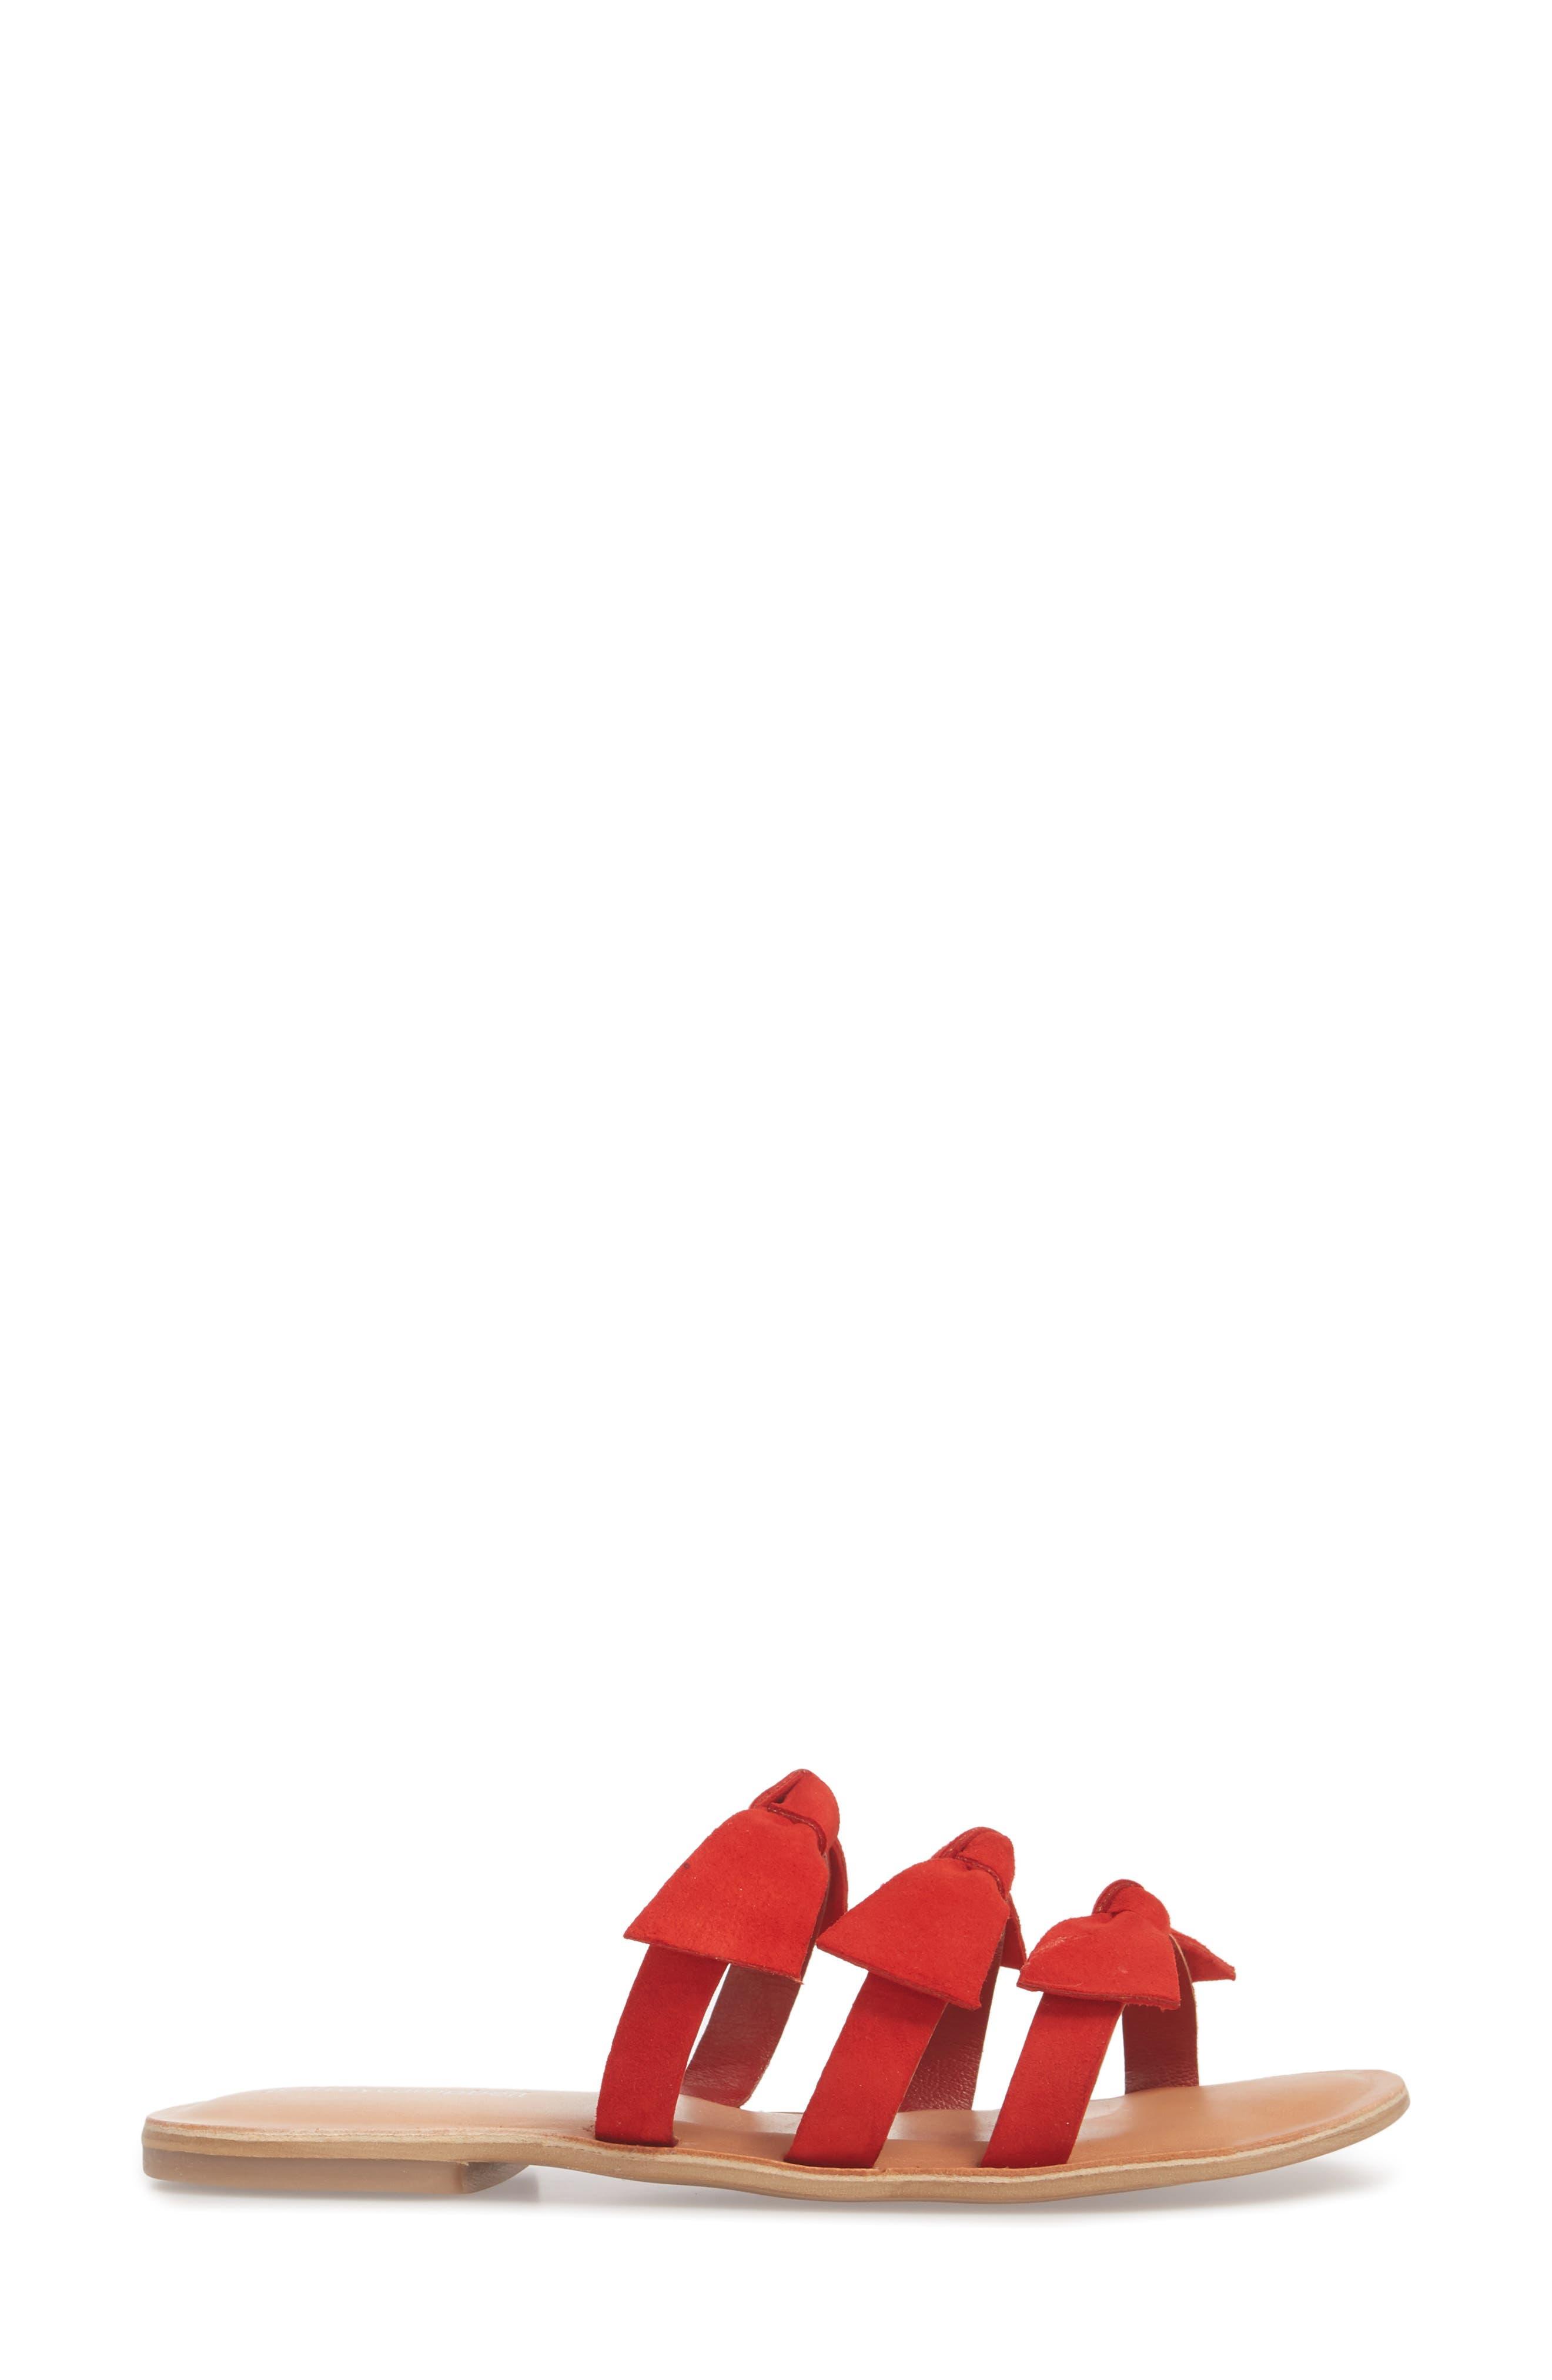 Atone Sandal,                             Alternate thumbnail 13, color,